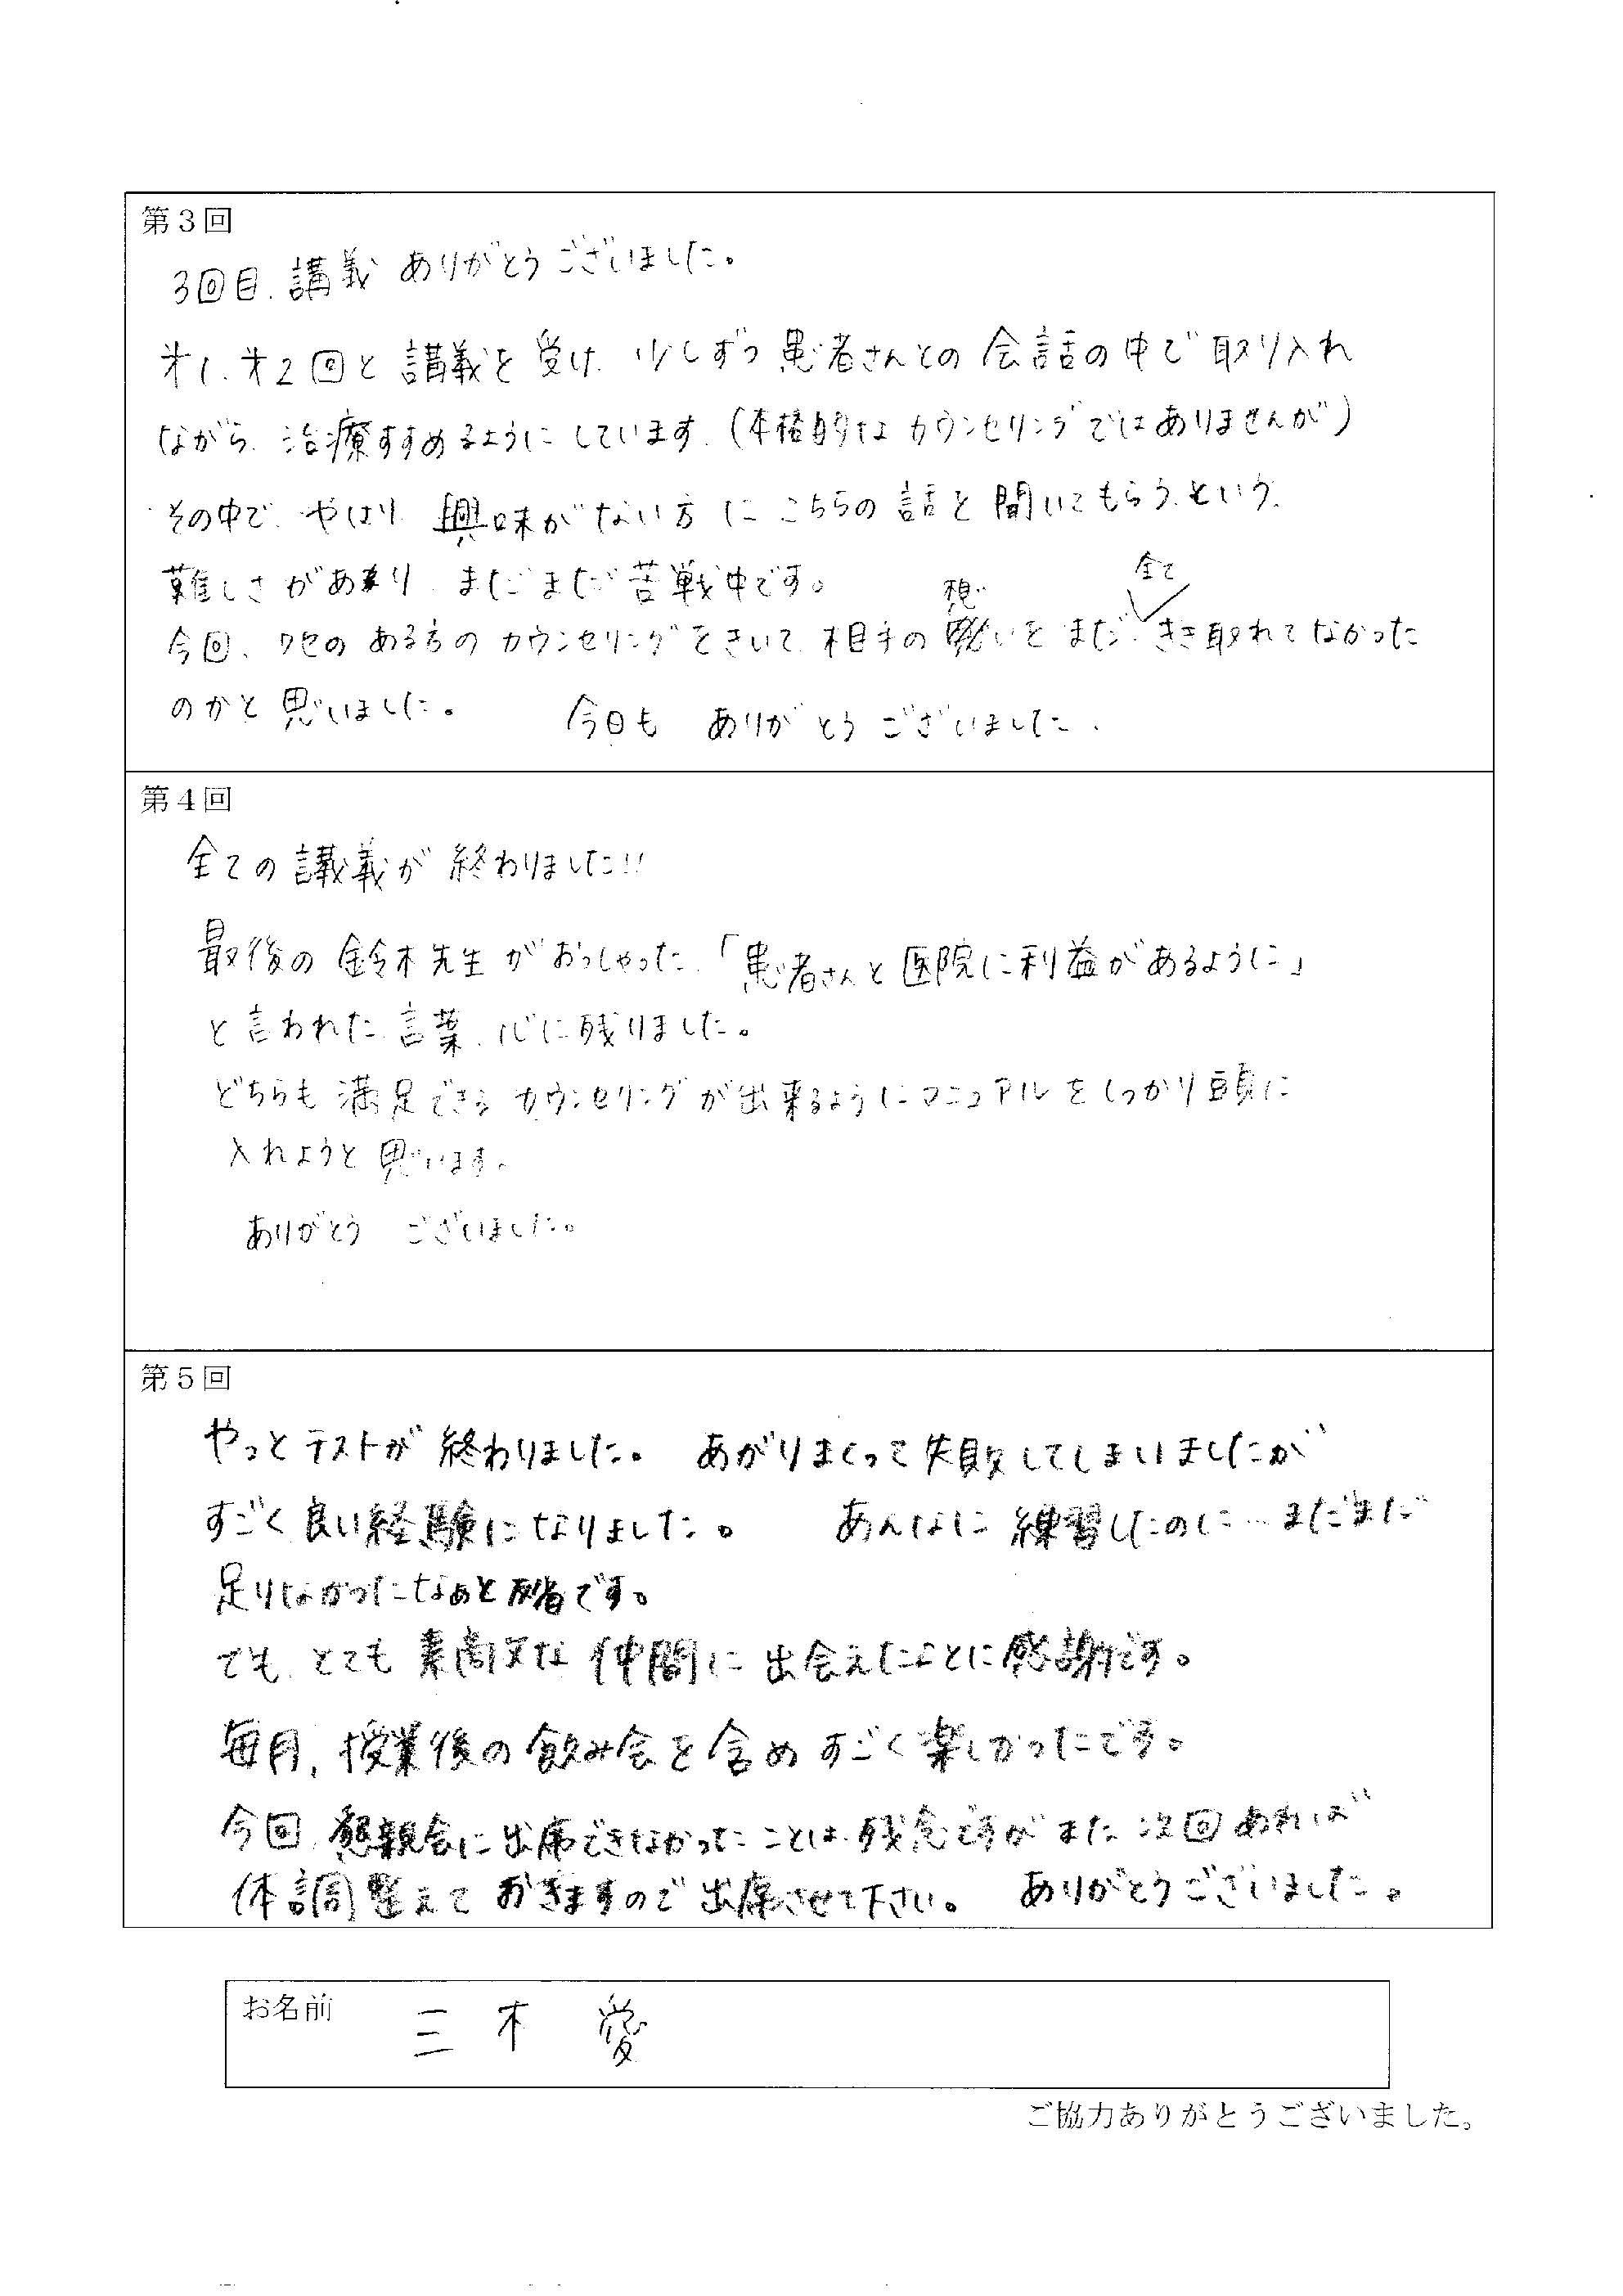 三木愛 様アンケート